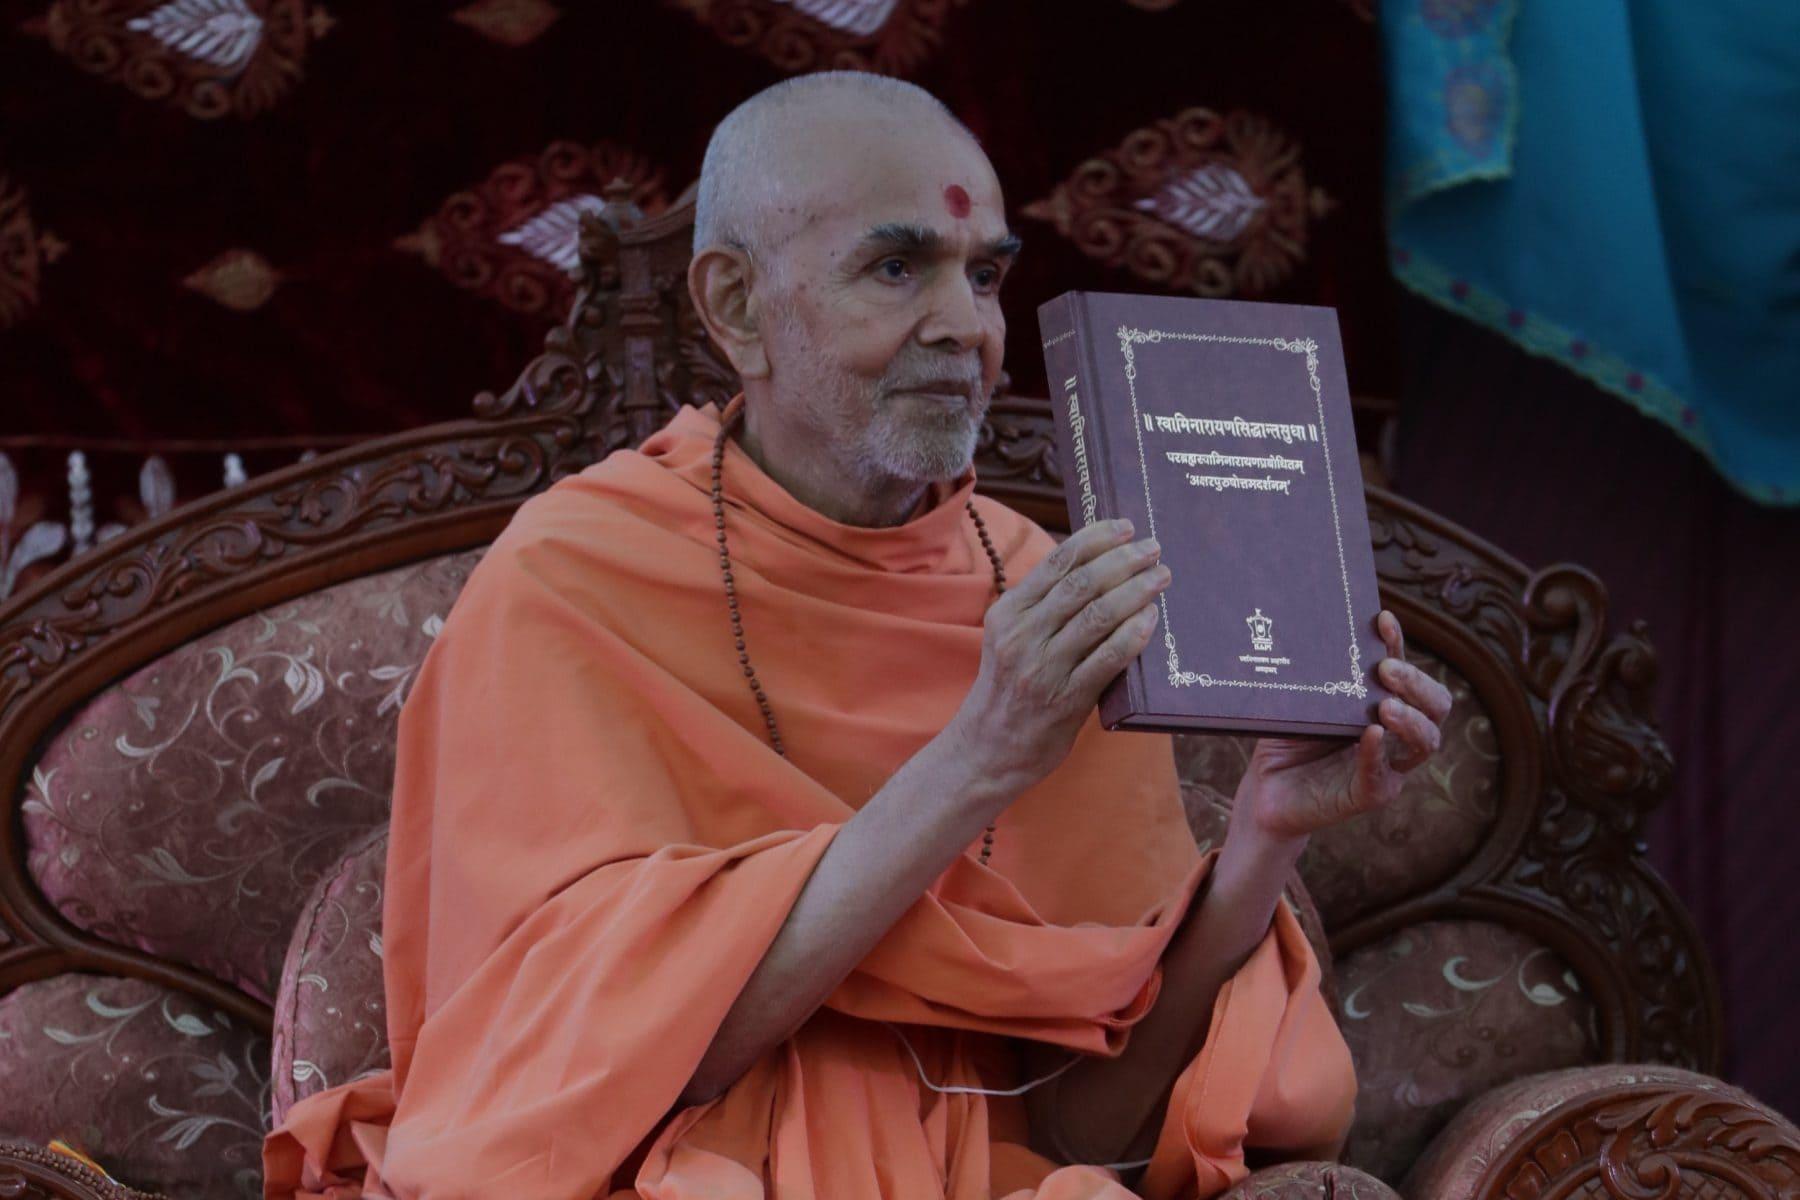 HH Mahant Swami Maharaj inaugurates Swaminarayana-Siddhanta-Sudha – a vādagrantha written by Mahāmahopādyāya Pujya Bhadreshdas Swami